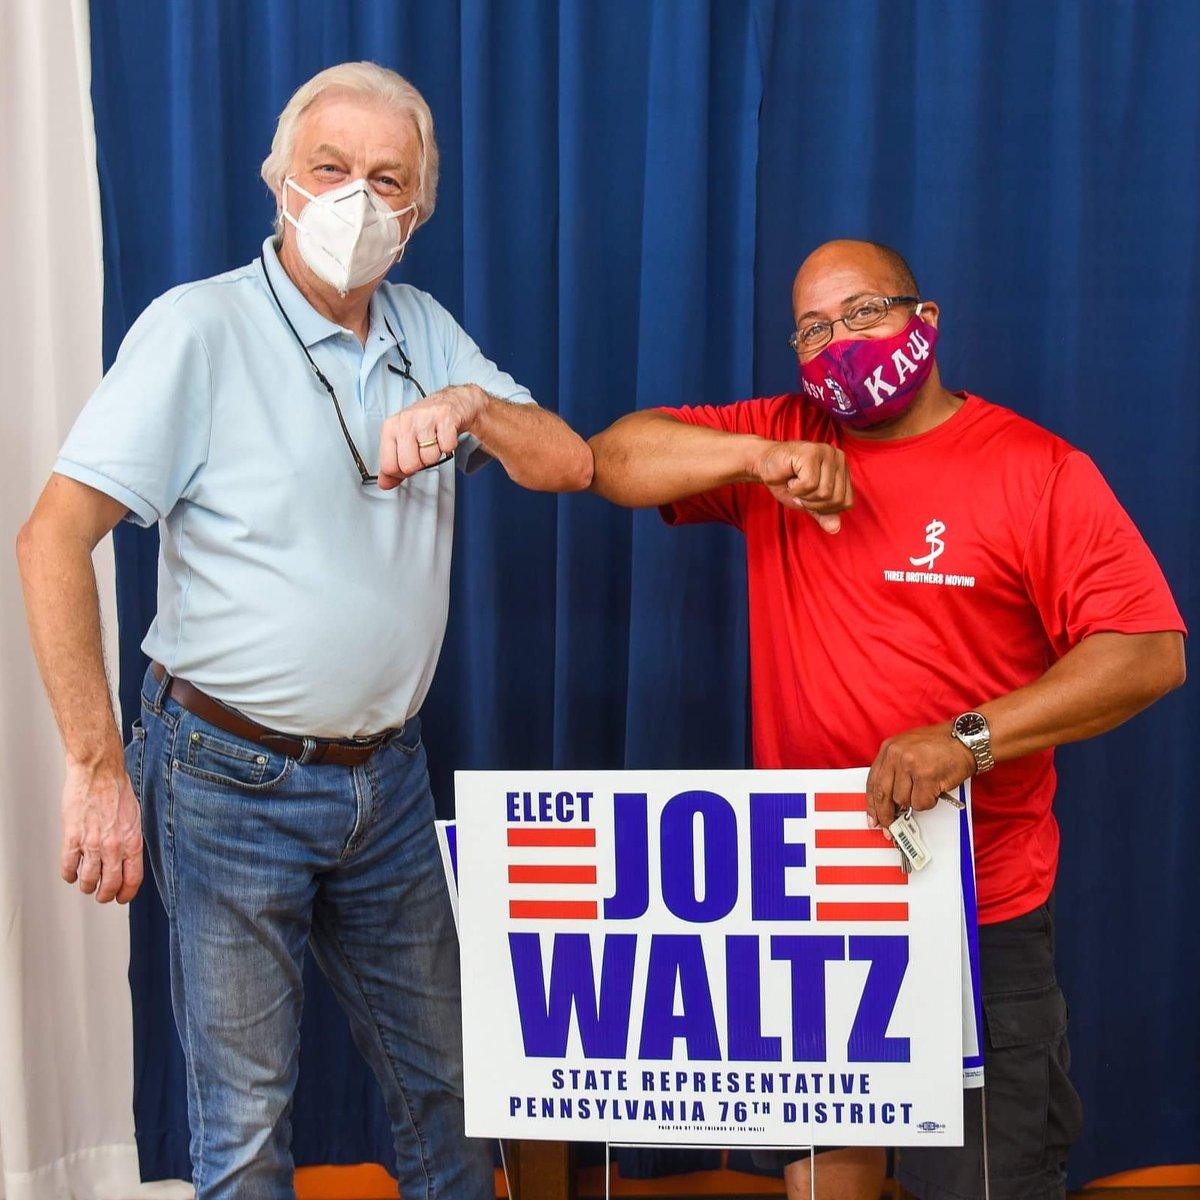 Joe Waltz Electjoewaltz Twitter Lock haven pa police news. joe waltz electjoewaltz twitter